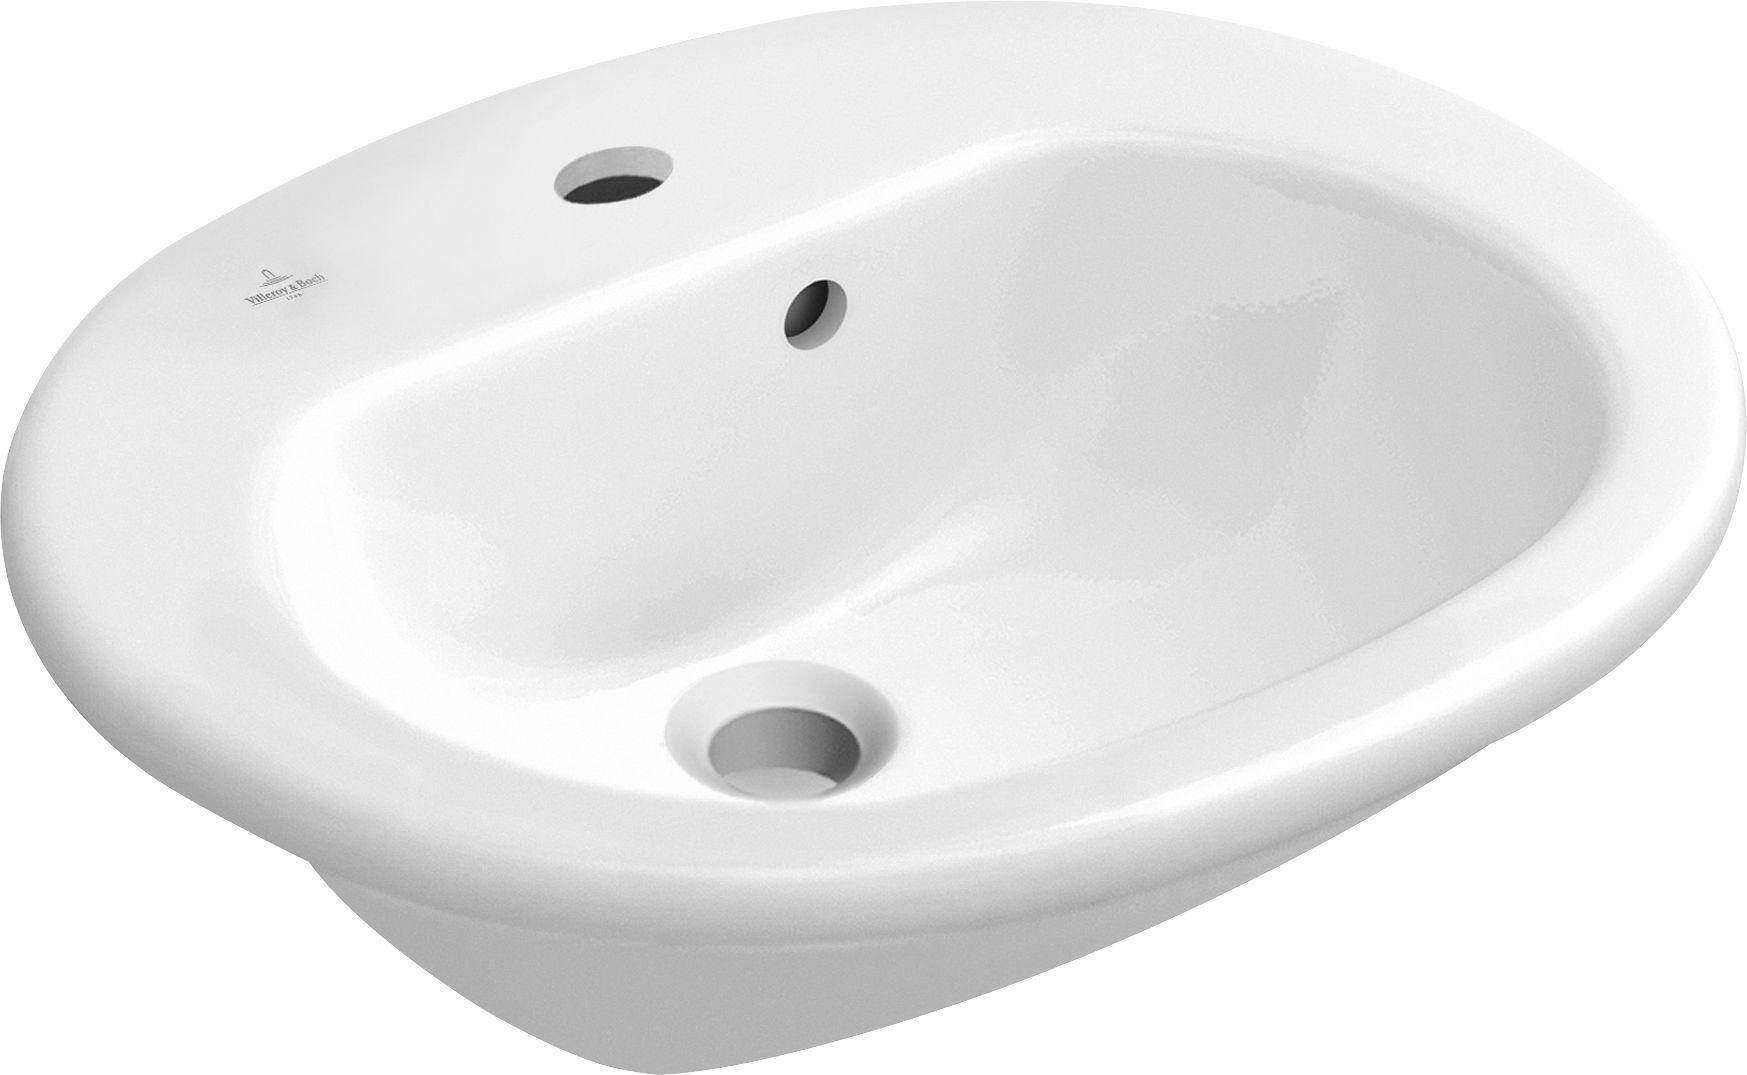 Villeroy & Boch O.novo Vorbauwaschtisch B:54xT:45cm 1 Hahnloch mit Überlauf weiß 41605501